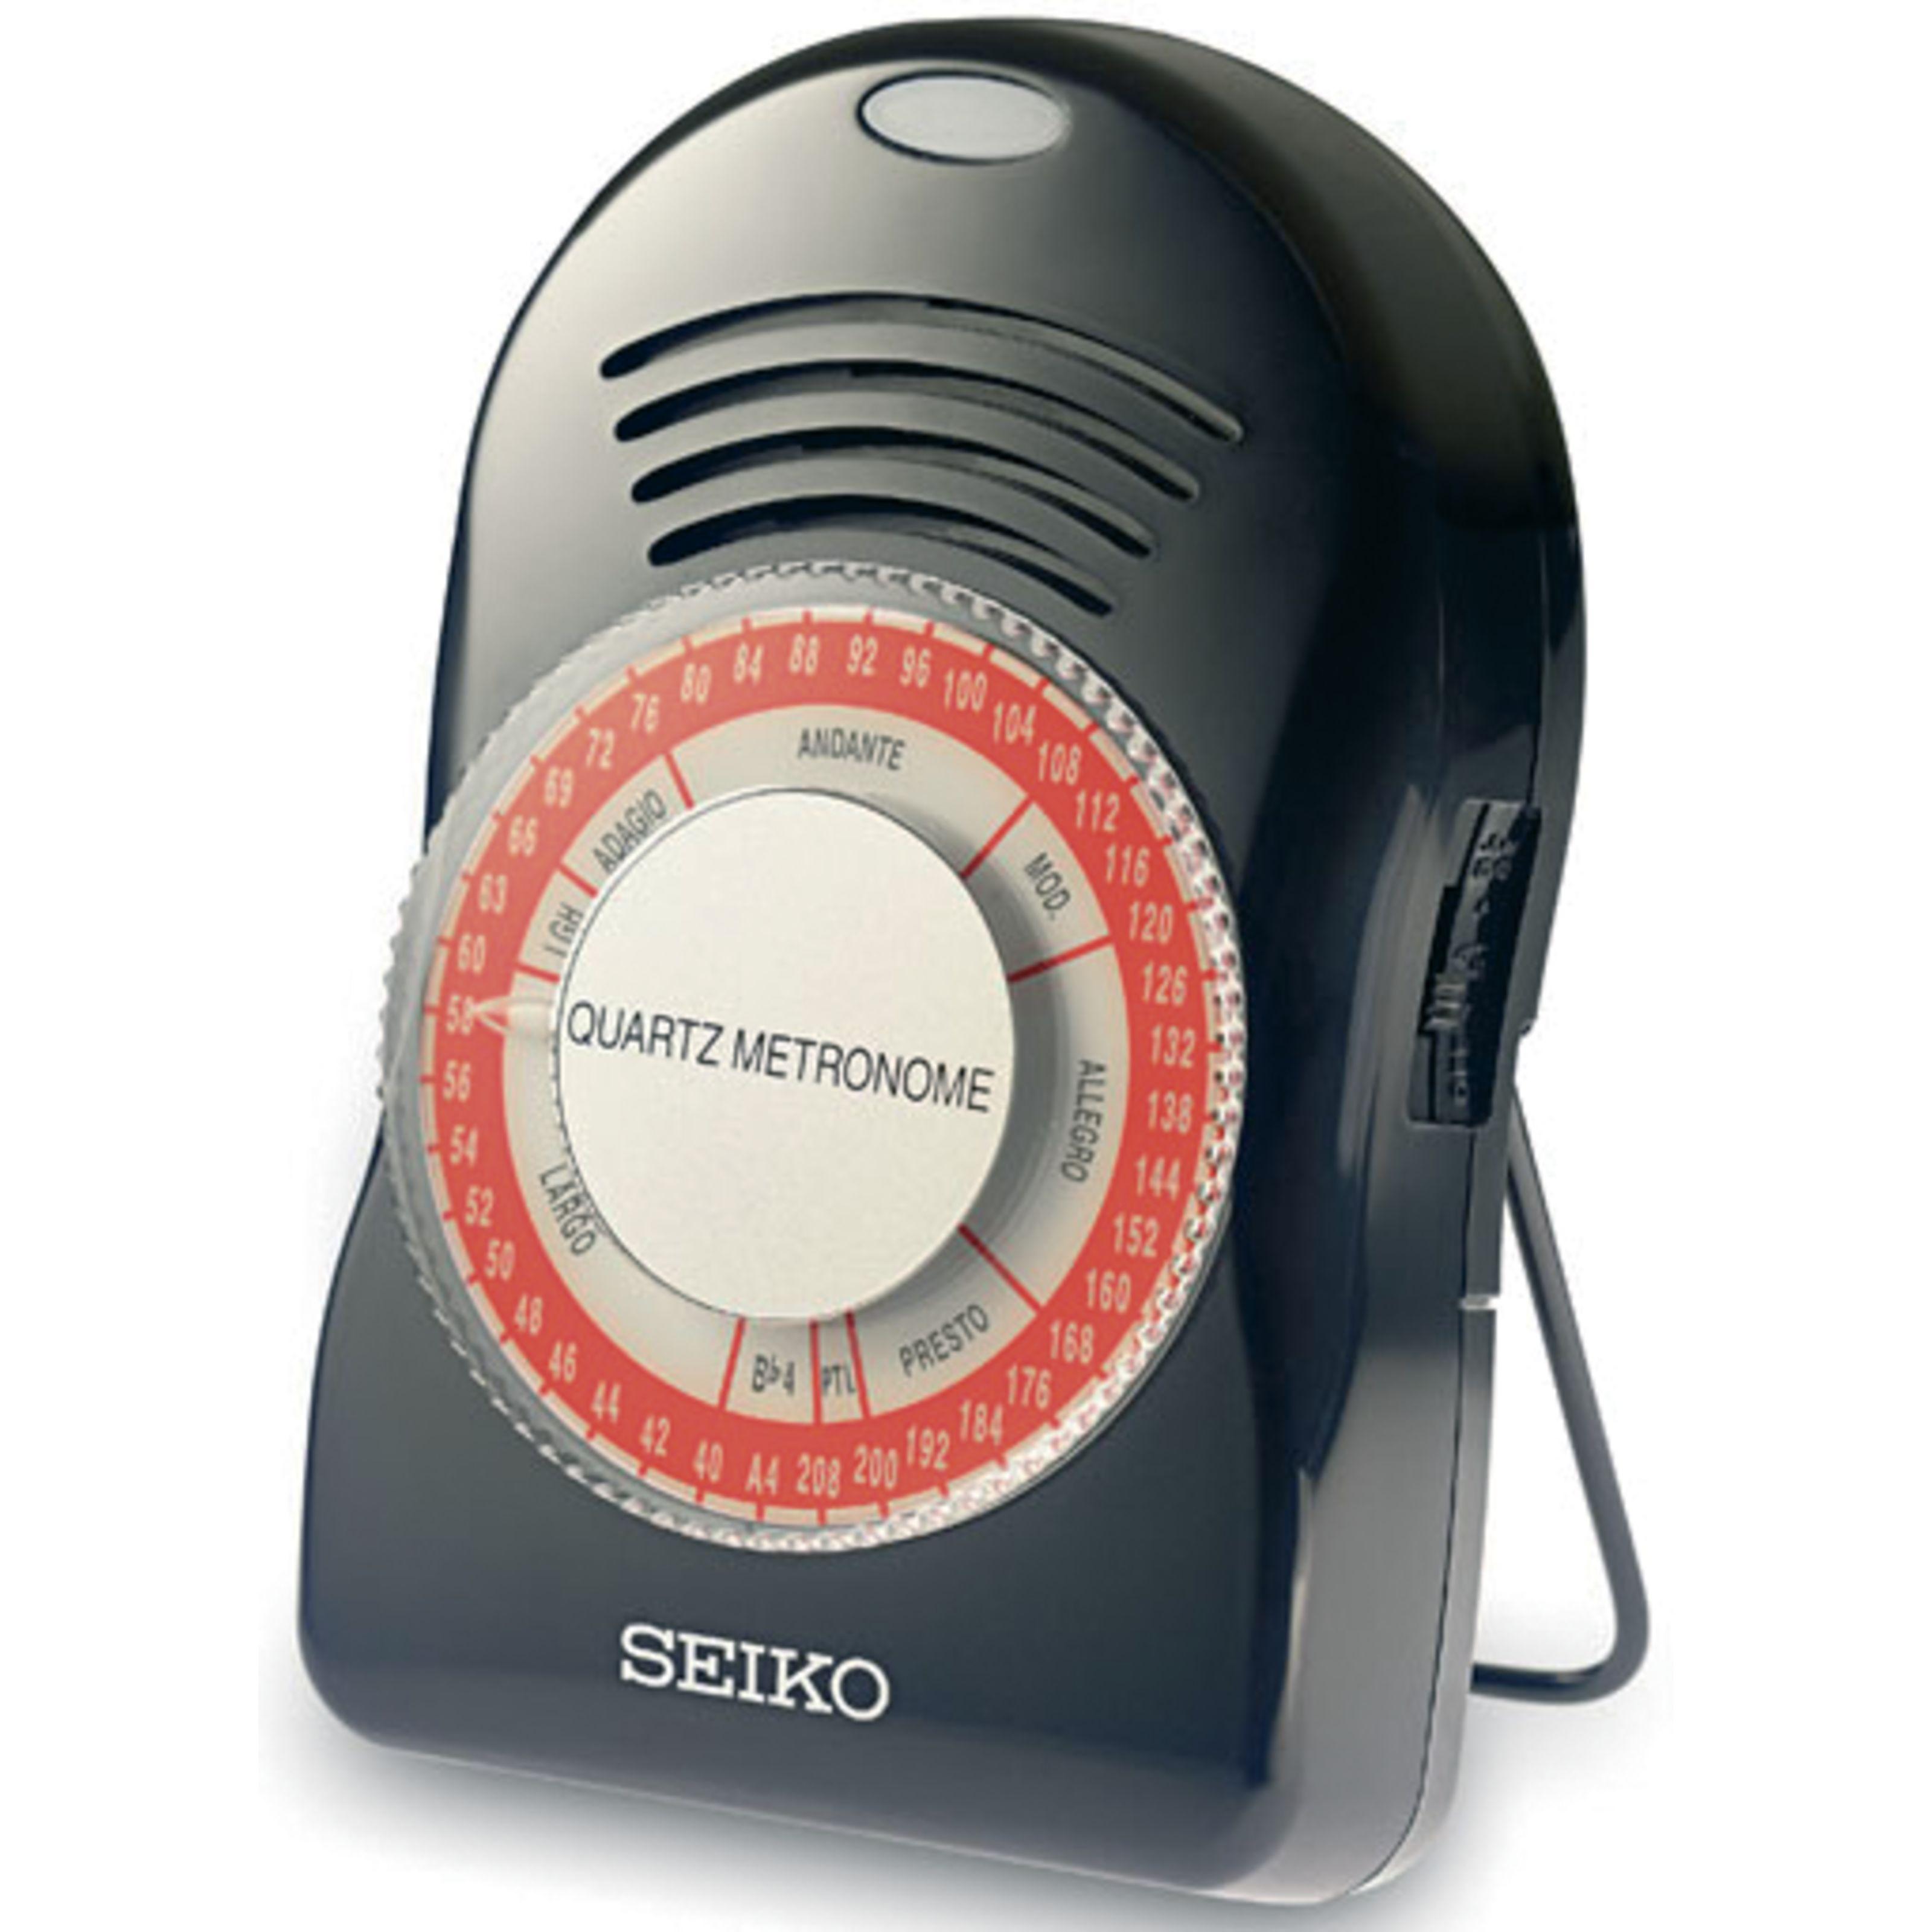 Seiko - SQ 50V Digital Metronom SQ-50V